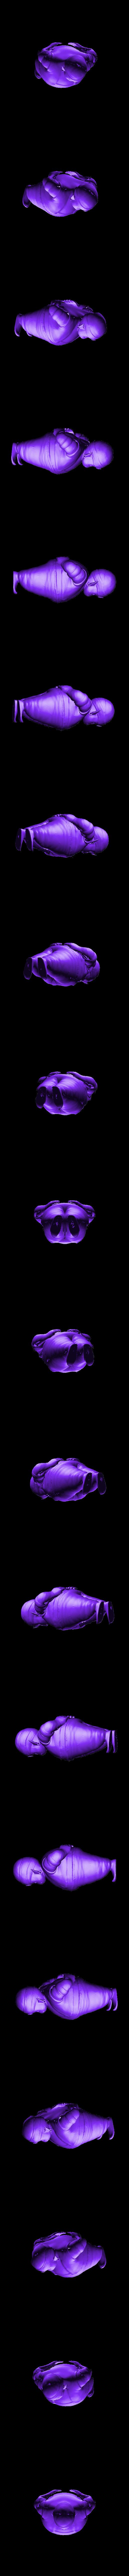 MR POPO.stl Télécharger fichier STL gratuit BALLE DE DRAGON MR POPO • Modèle pour imprimante 3D, jorgeromoleroux